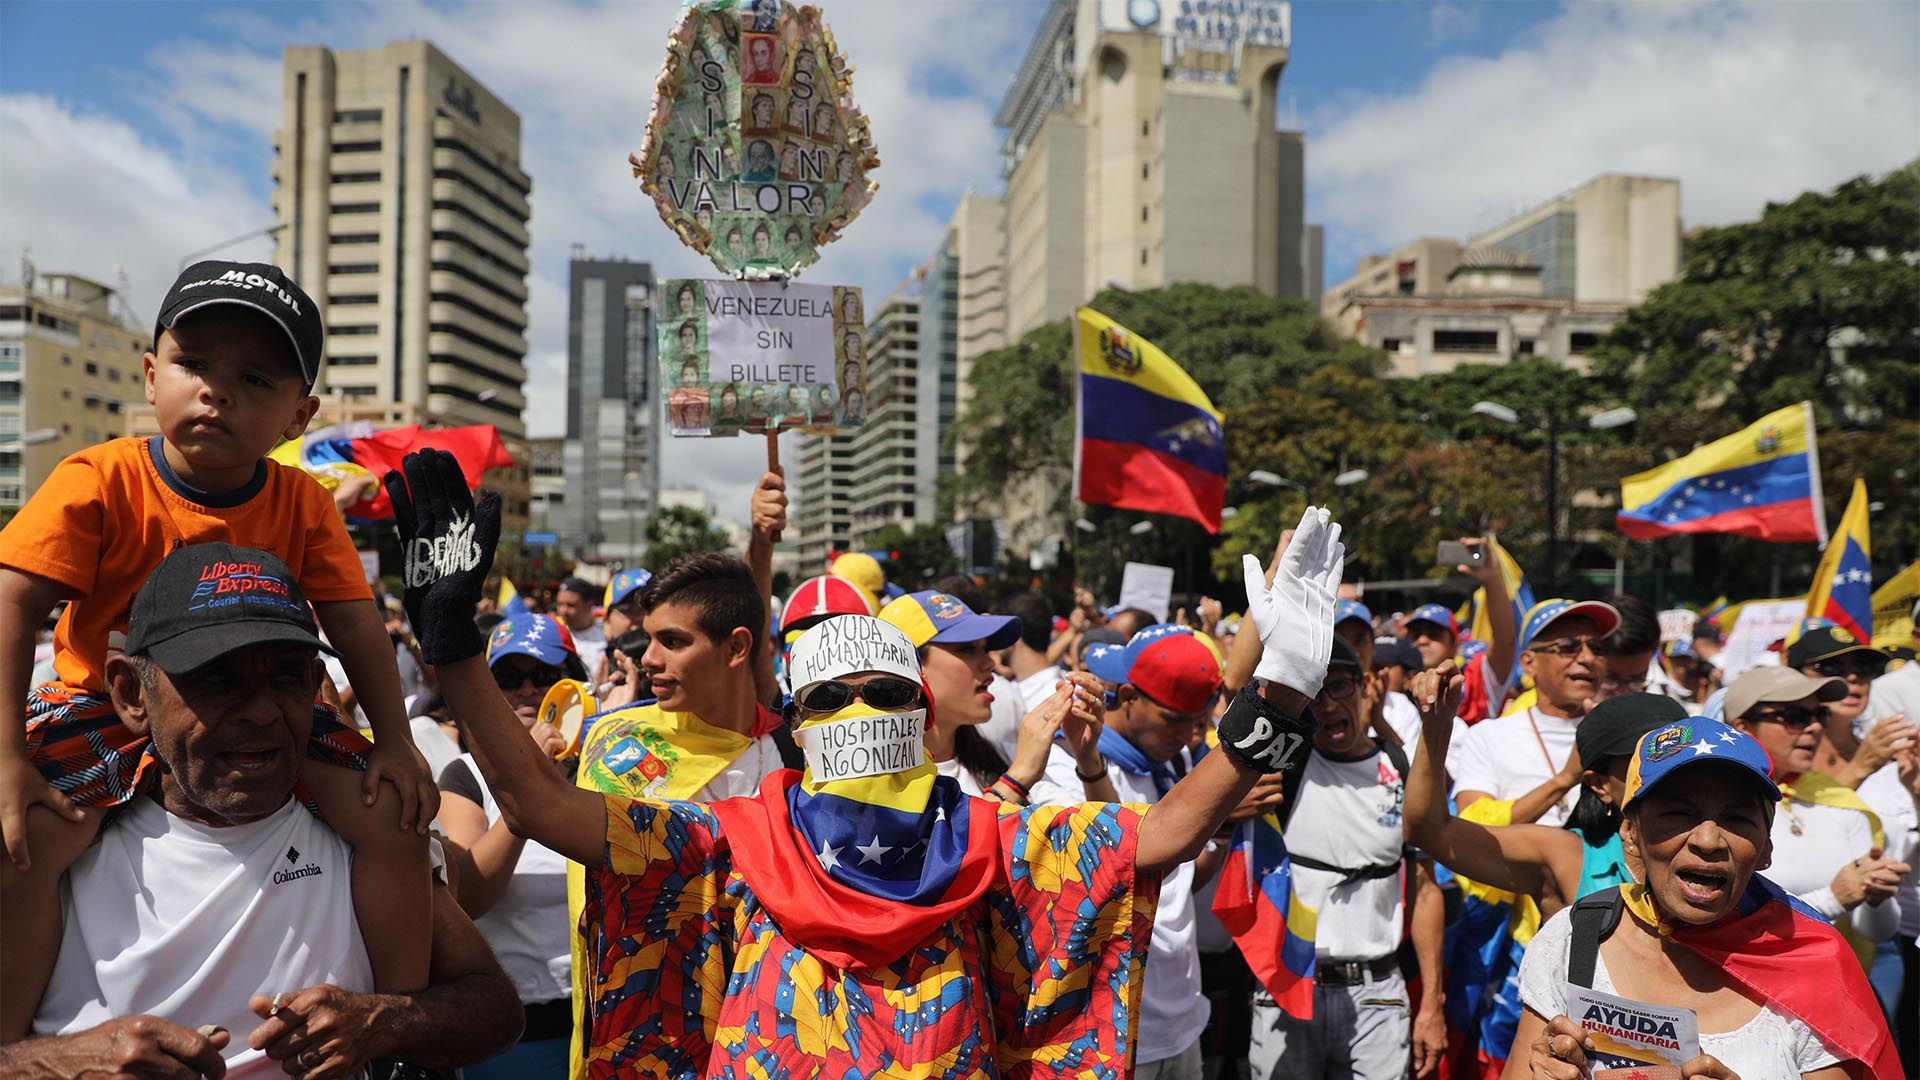 Las calles de Caracas se vieron teñidas de manifestantes opositores al régimen de Maduro (EFE)